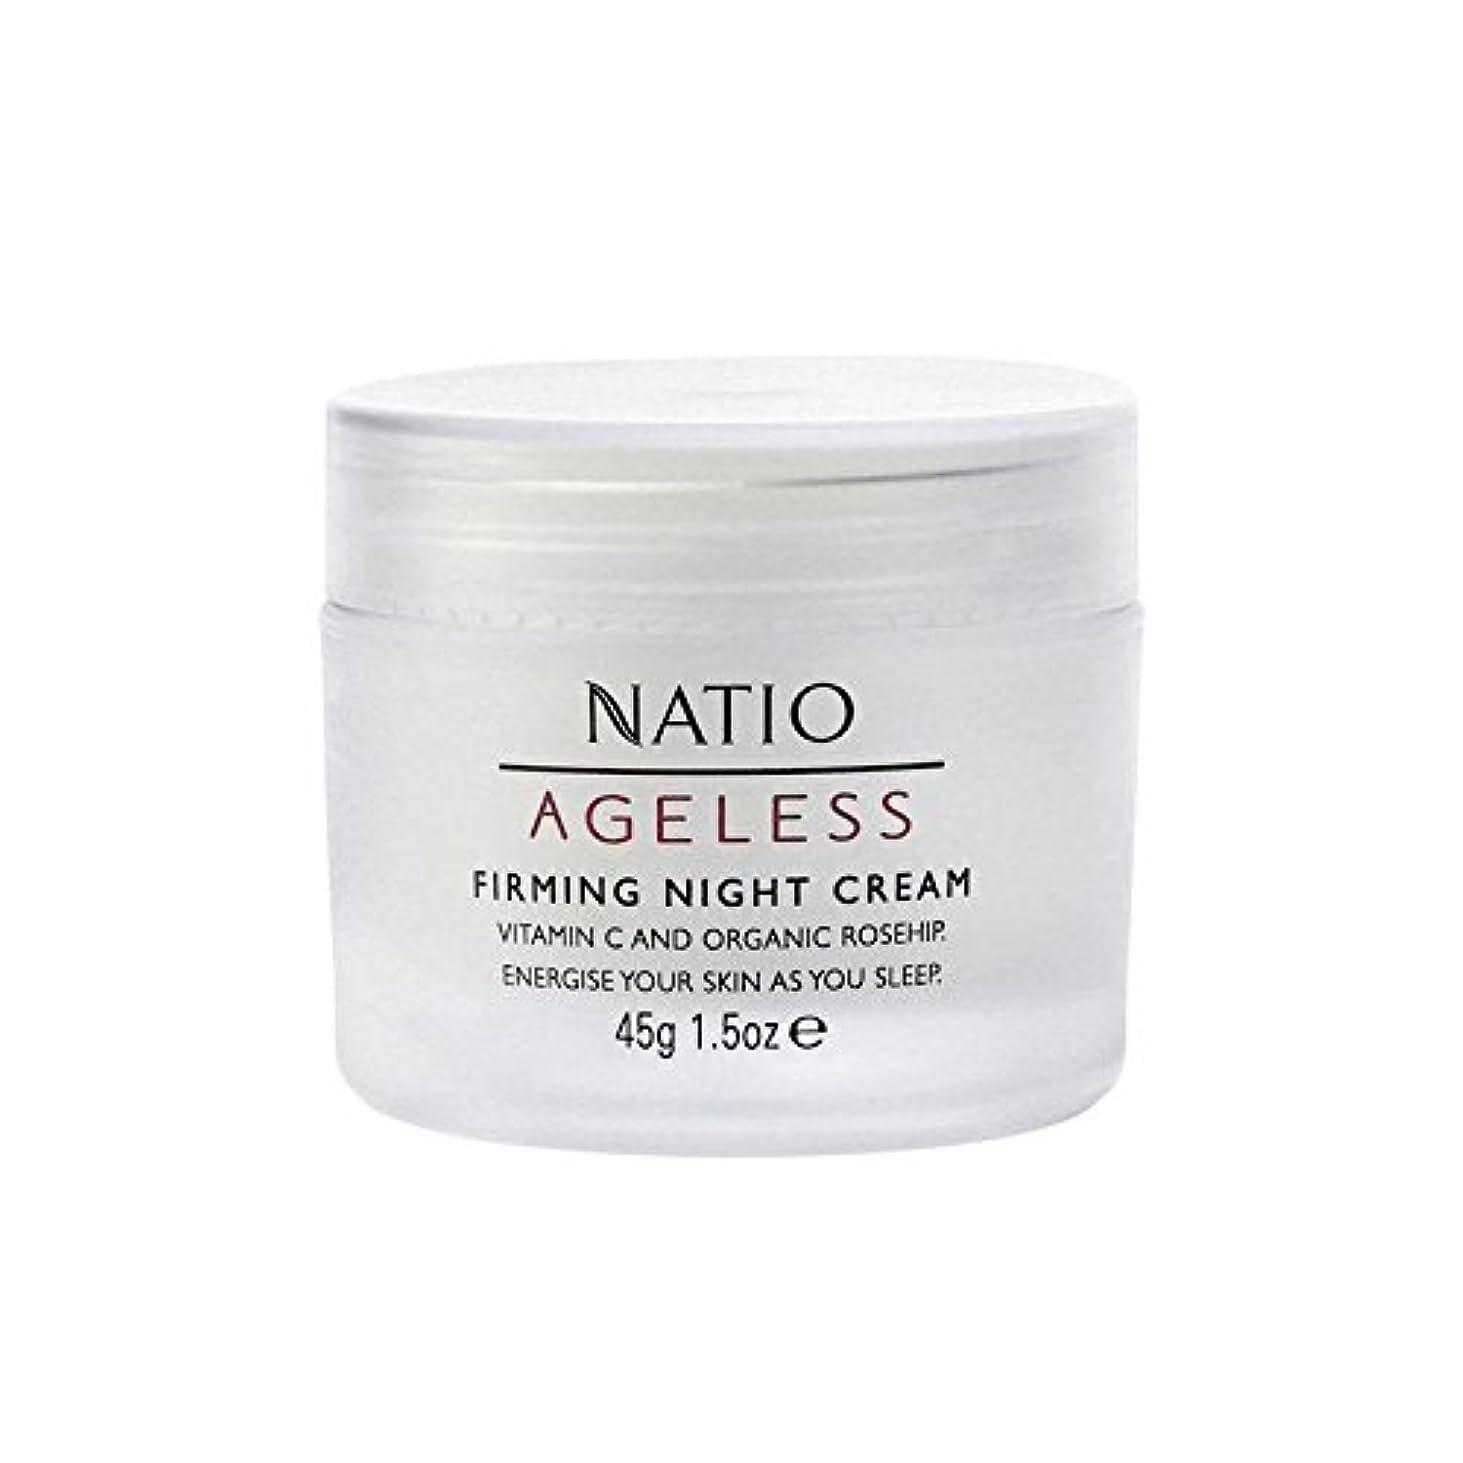 踊り子ありそう回る永遠ファーミングナイトクリーム(45グラム) x2 - Natio Ageless Firming Night Cream (45G) (Pack of 2) [並行輸入品]